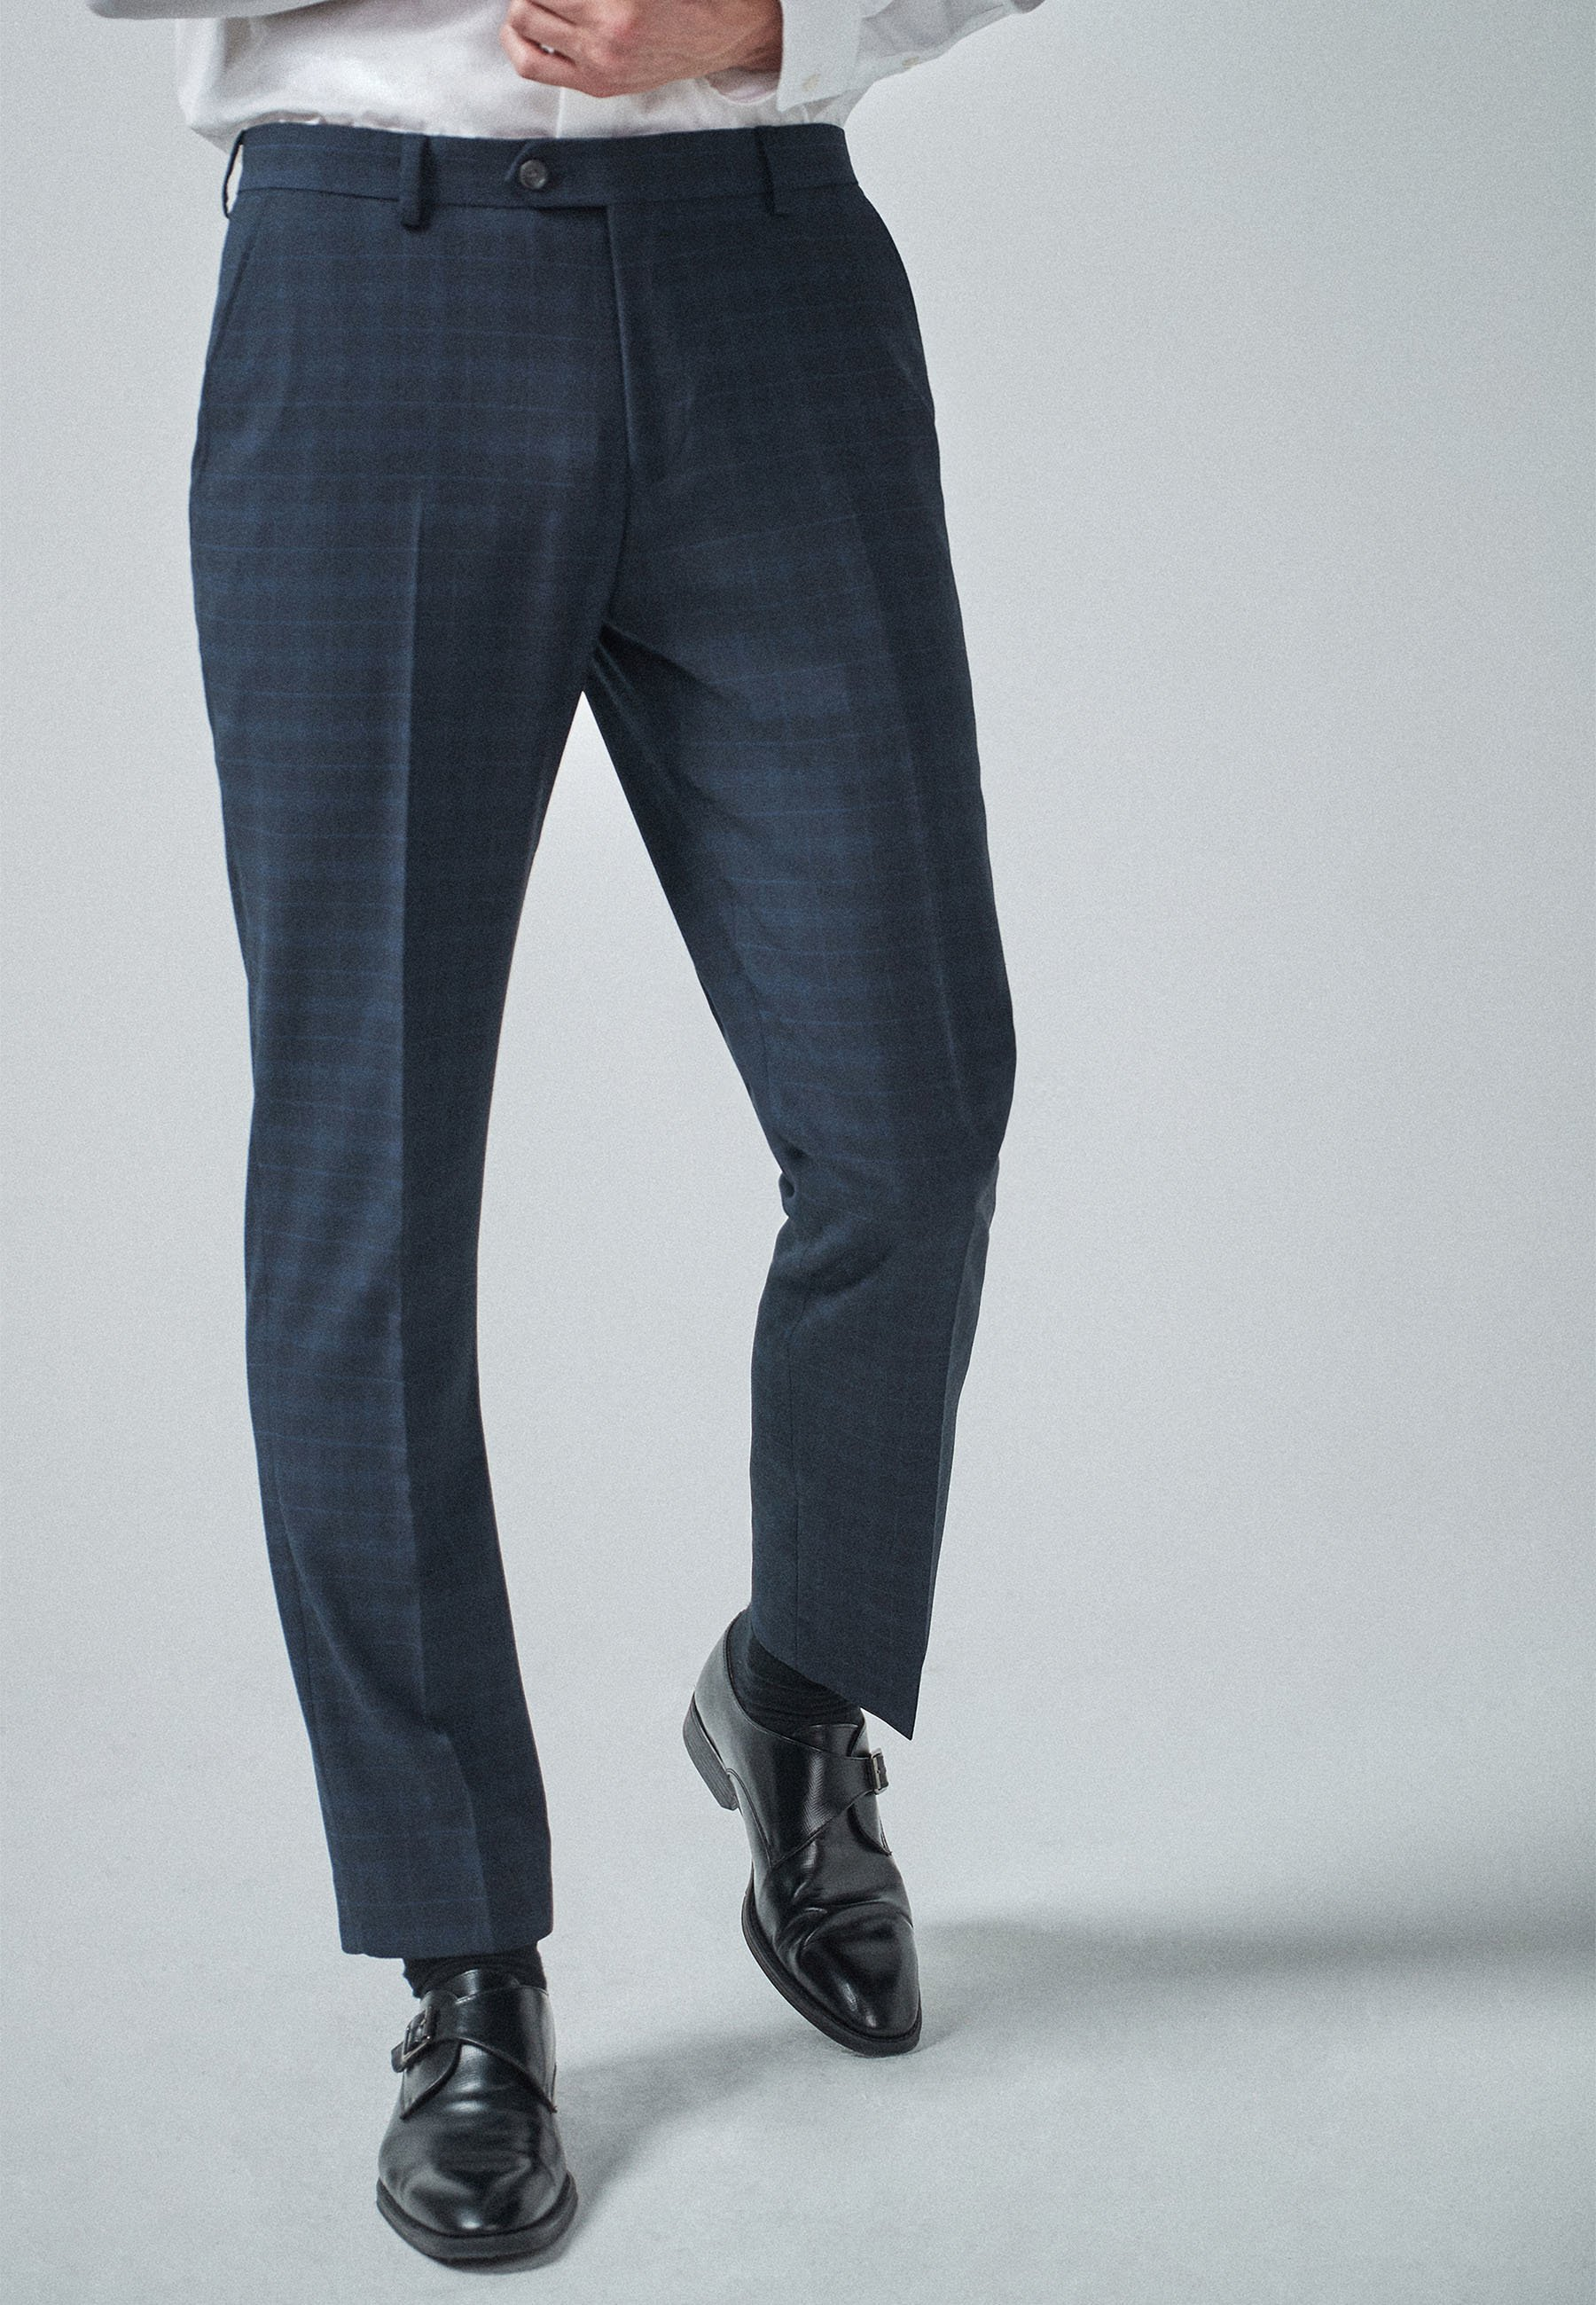 Homme NAVY/BLACK TAILORED FIT CHECK SUIT: TROUSERS - Pantalon de costume